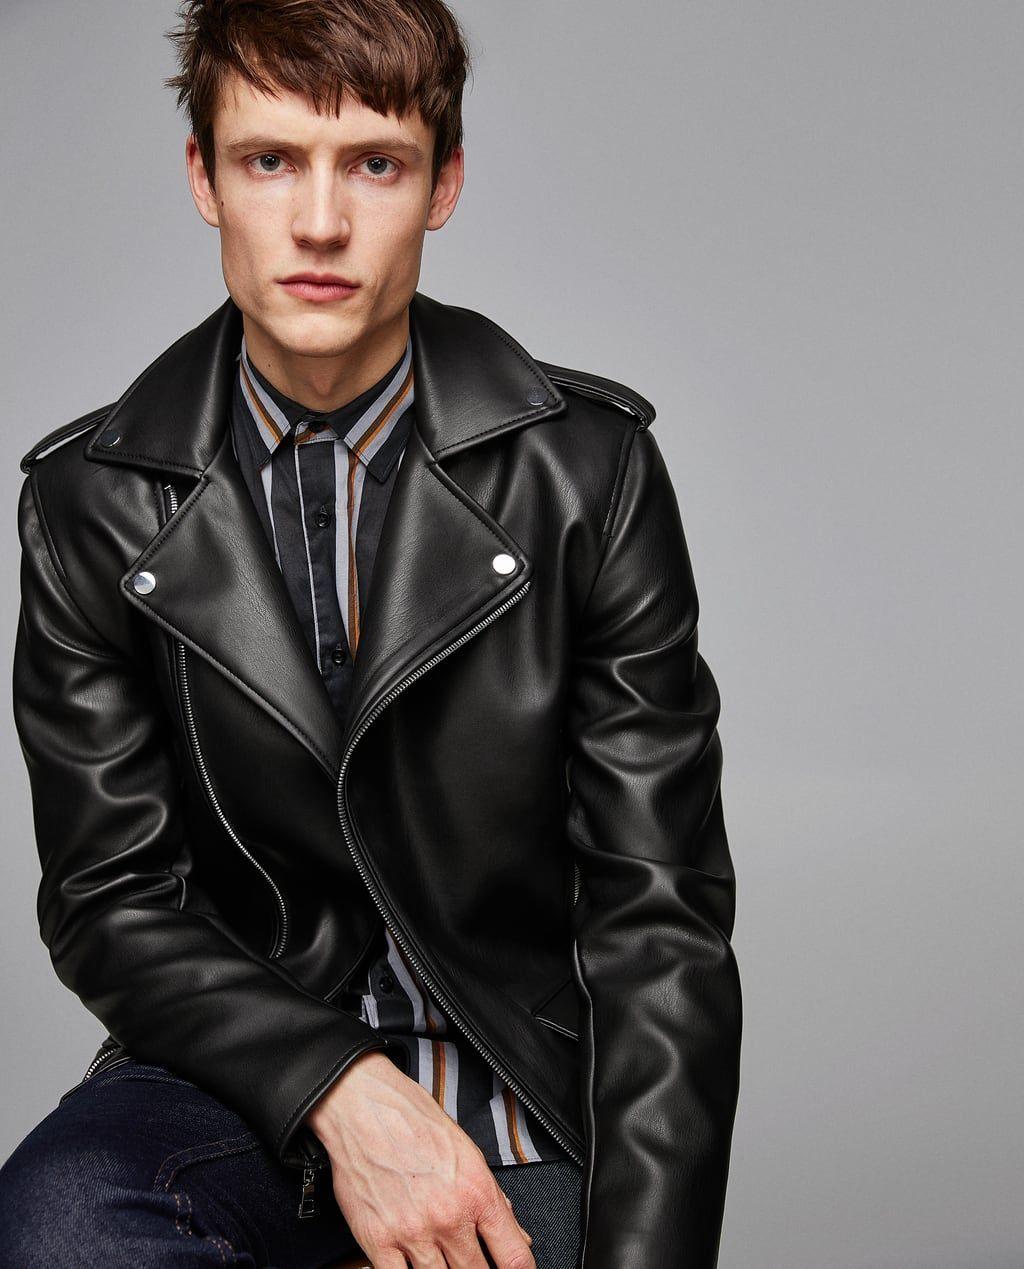 meilleures baskets 85985 2ed3f Blouson de motard à pins | Leather & Jeans - Men | Jackets ...